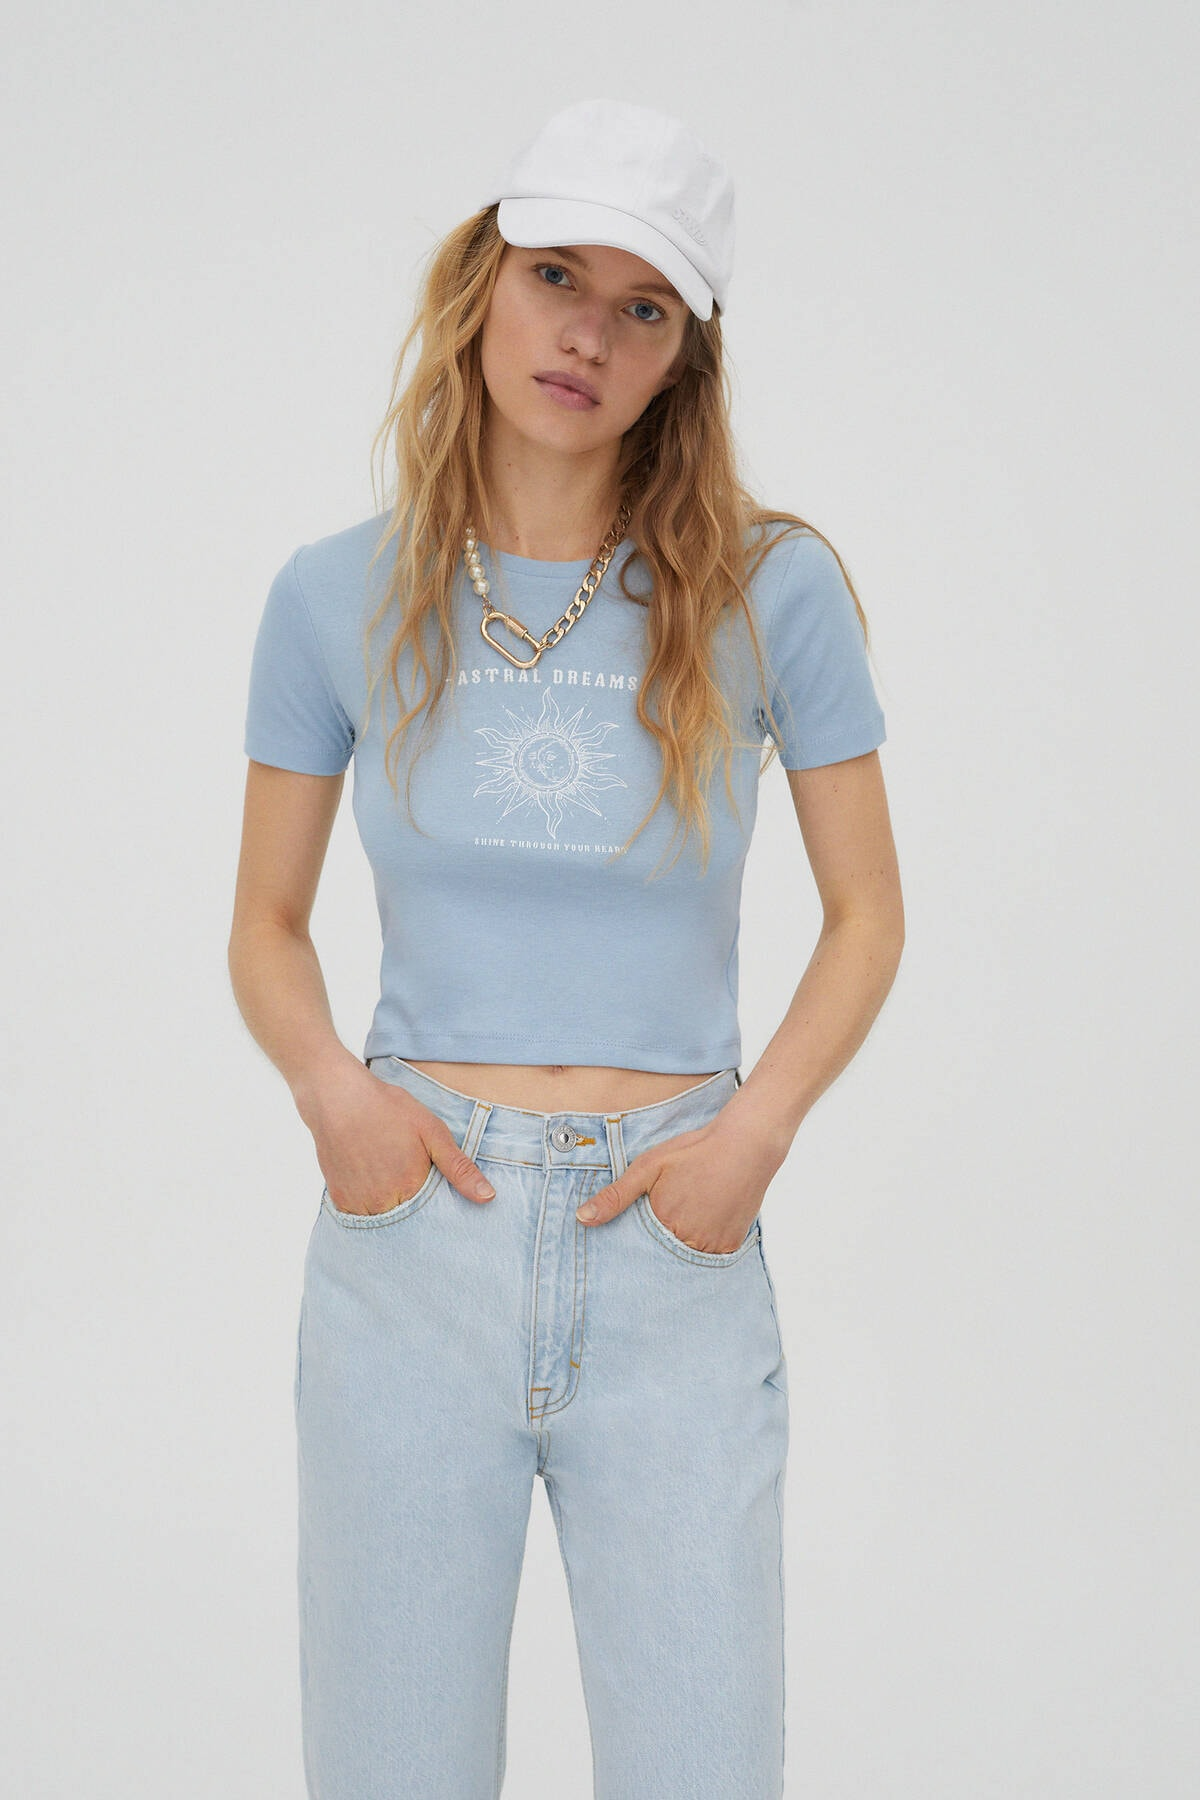 Pull & Bear Kadın  Mavi Gri Grafik Baskılı Fitilli T-Shirt 09247324 1